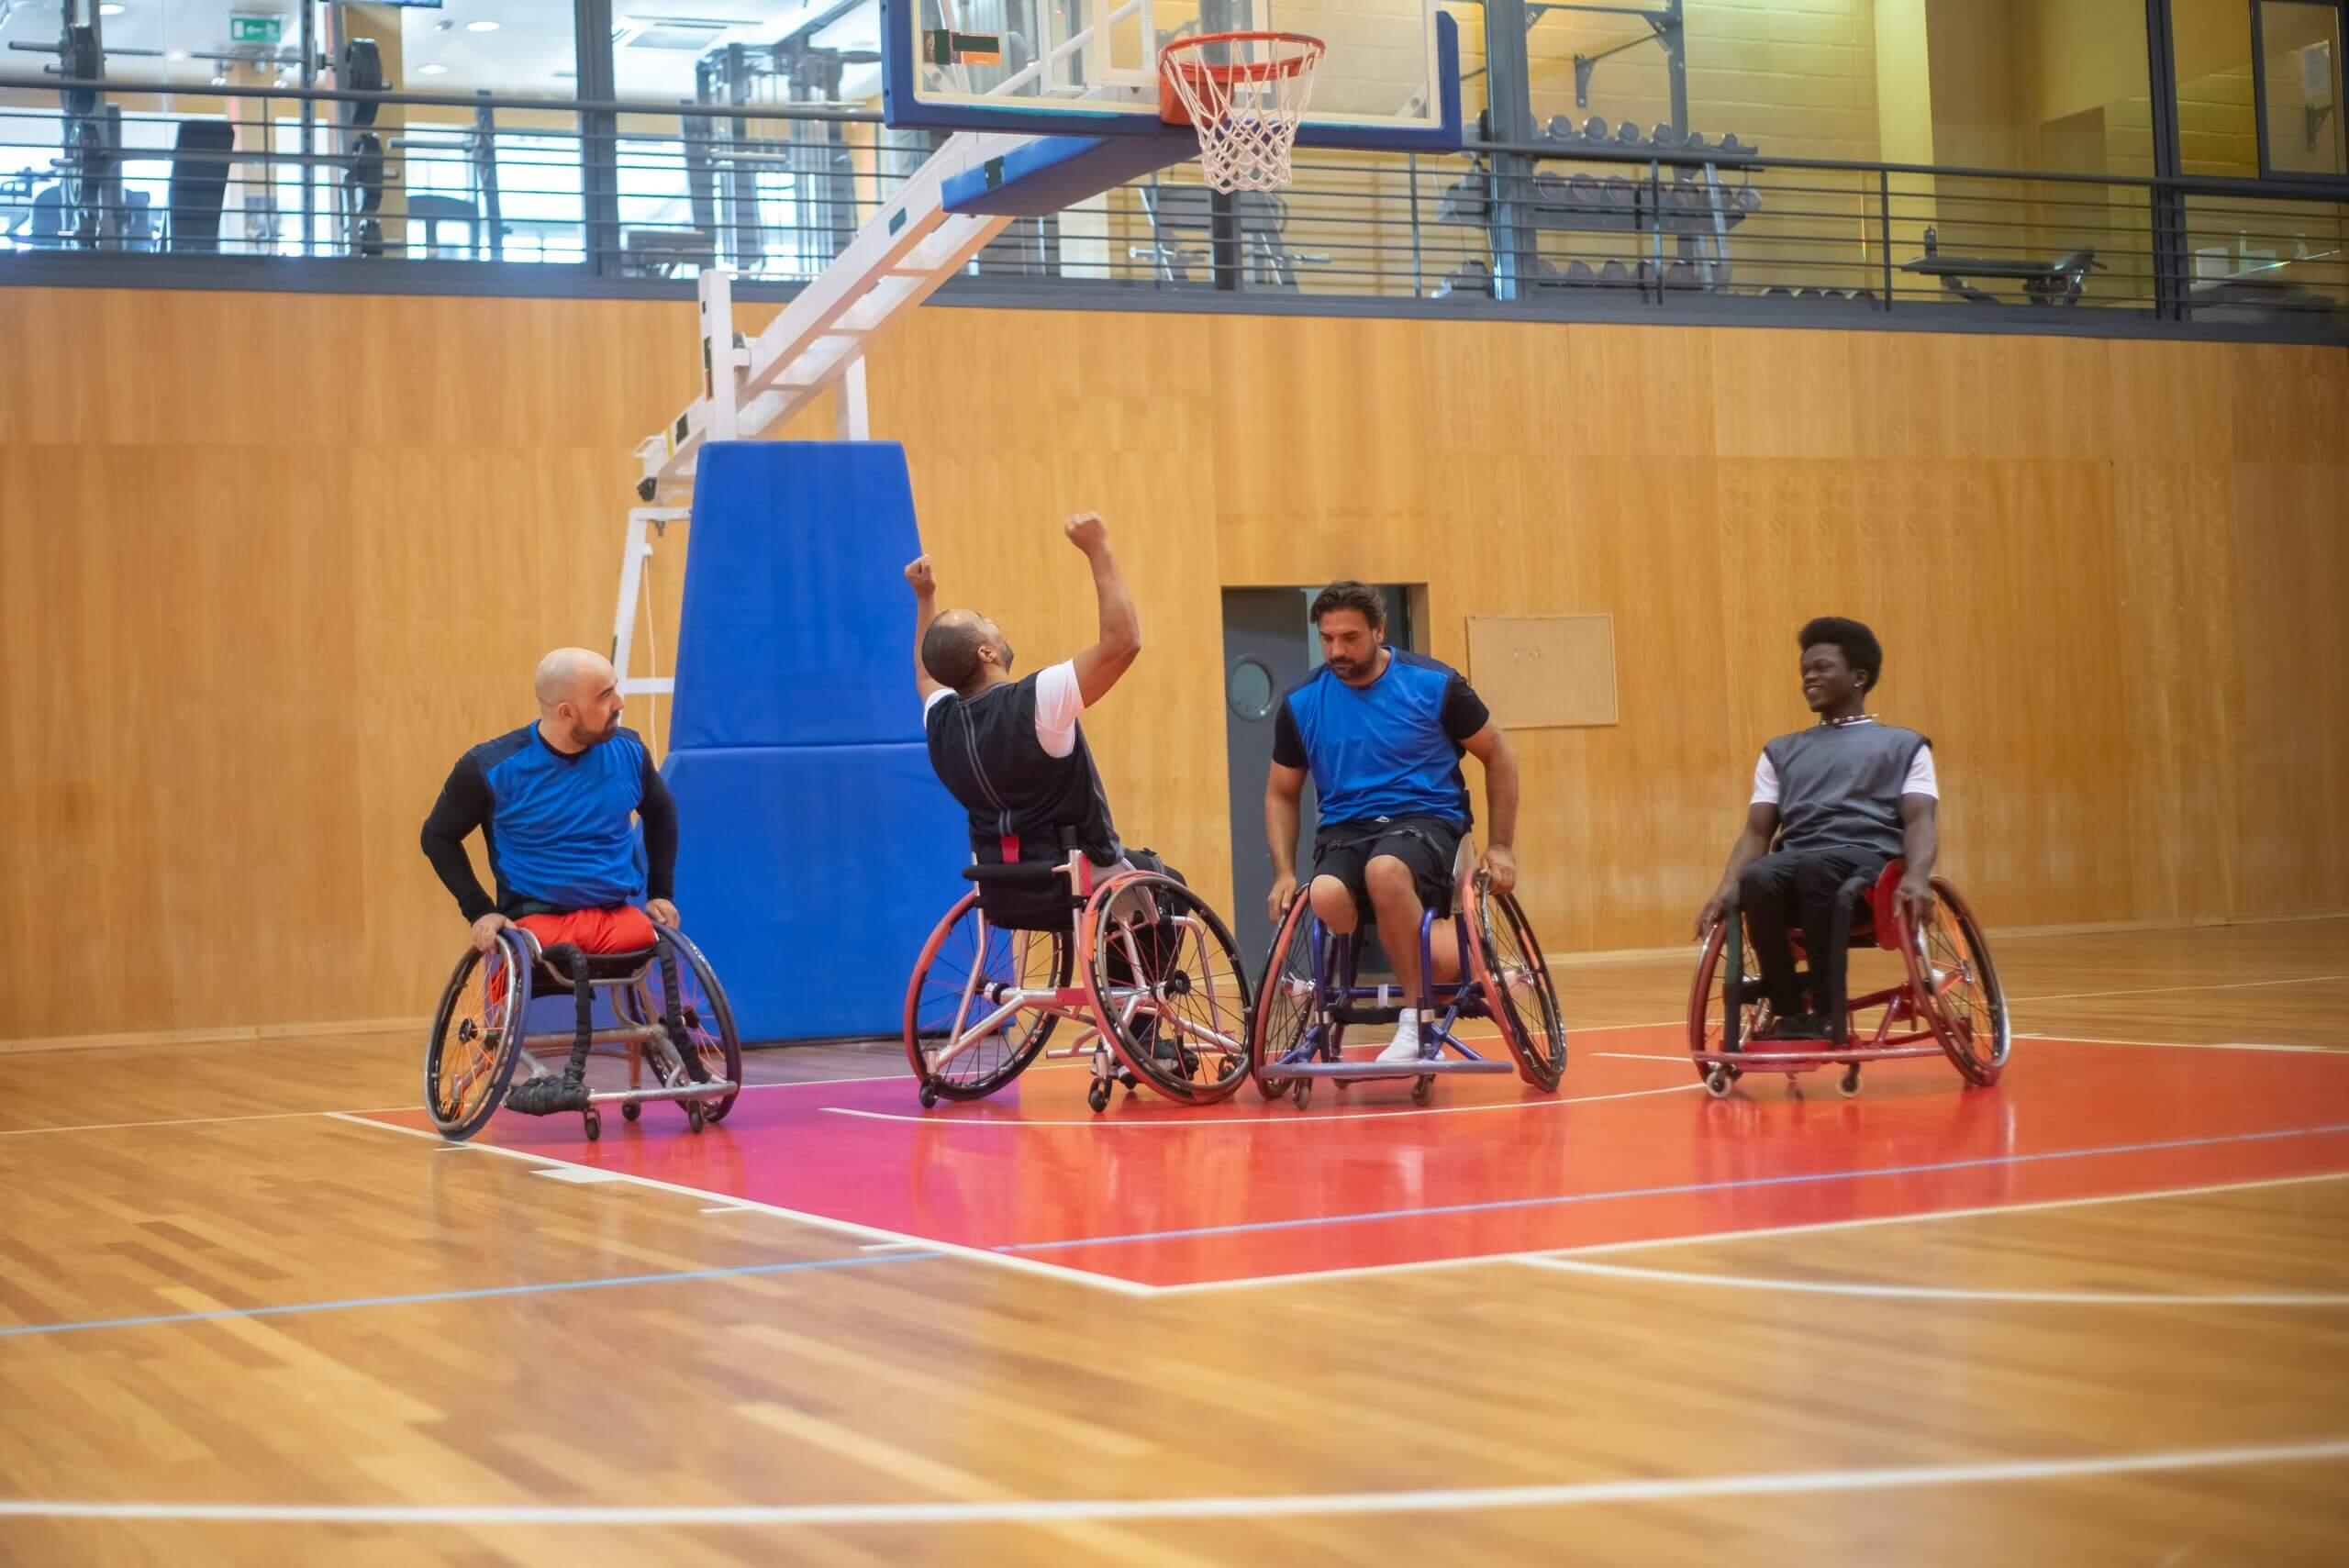 спорт баскетбол игра